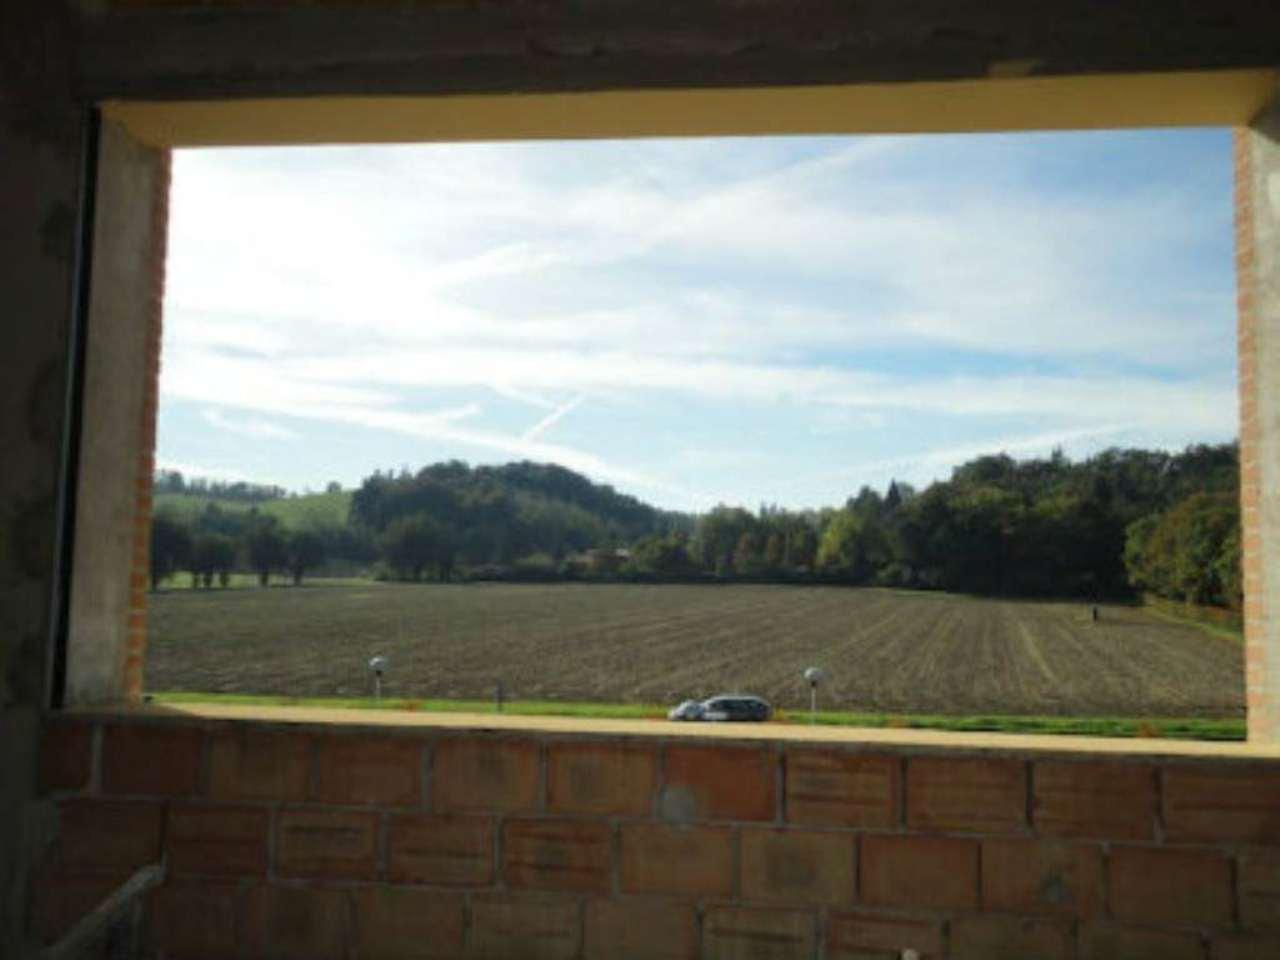 Negozio / Locale in vendita a Valsamoggia, 9999 locali, prezzo € 365.000 | Cambio Casa.it